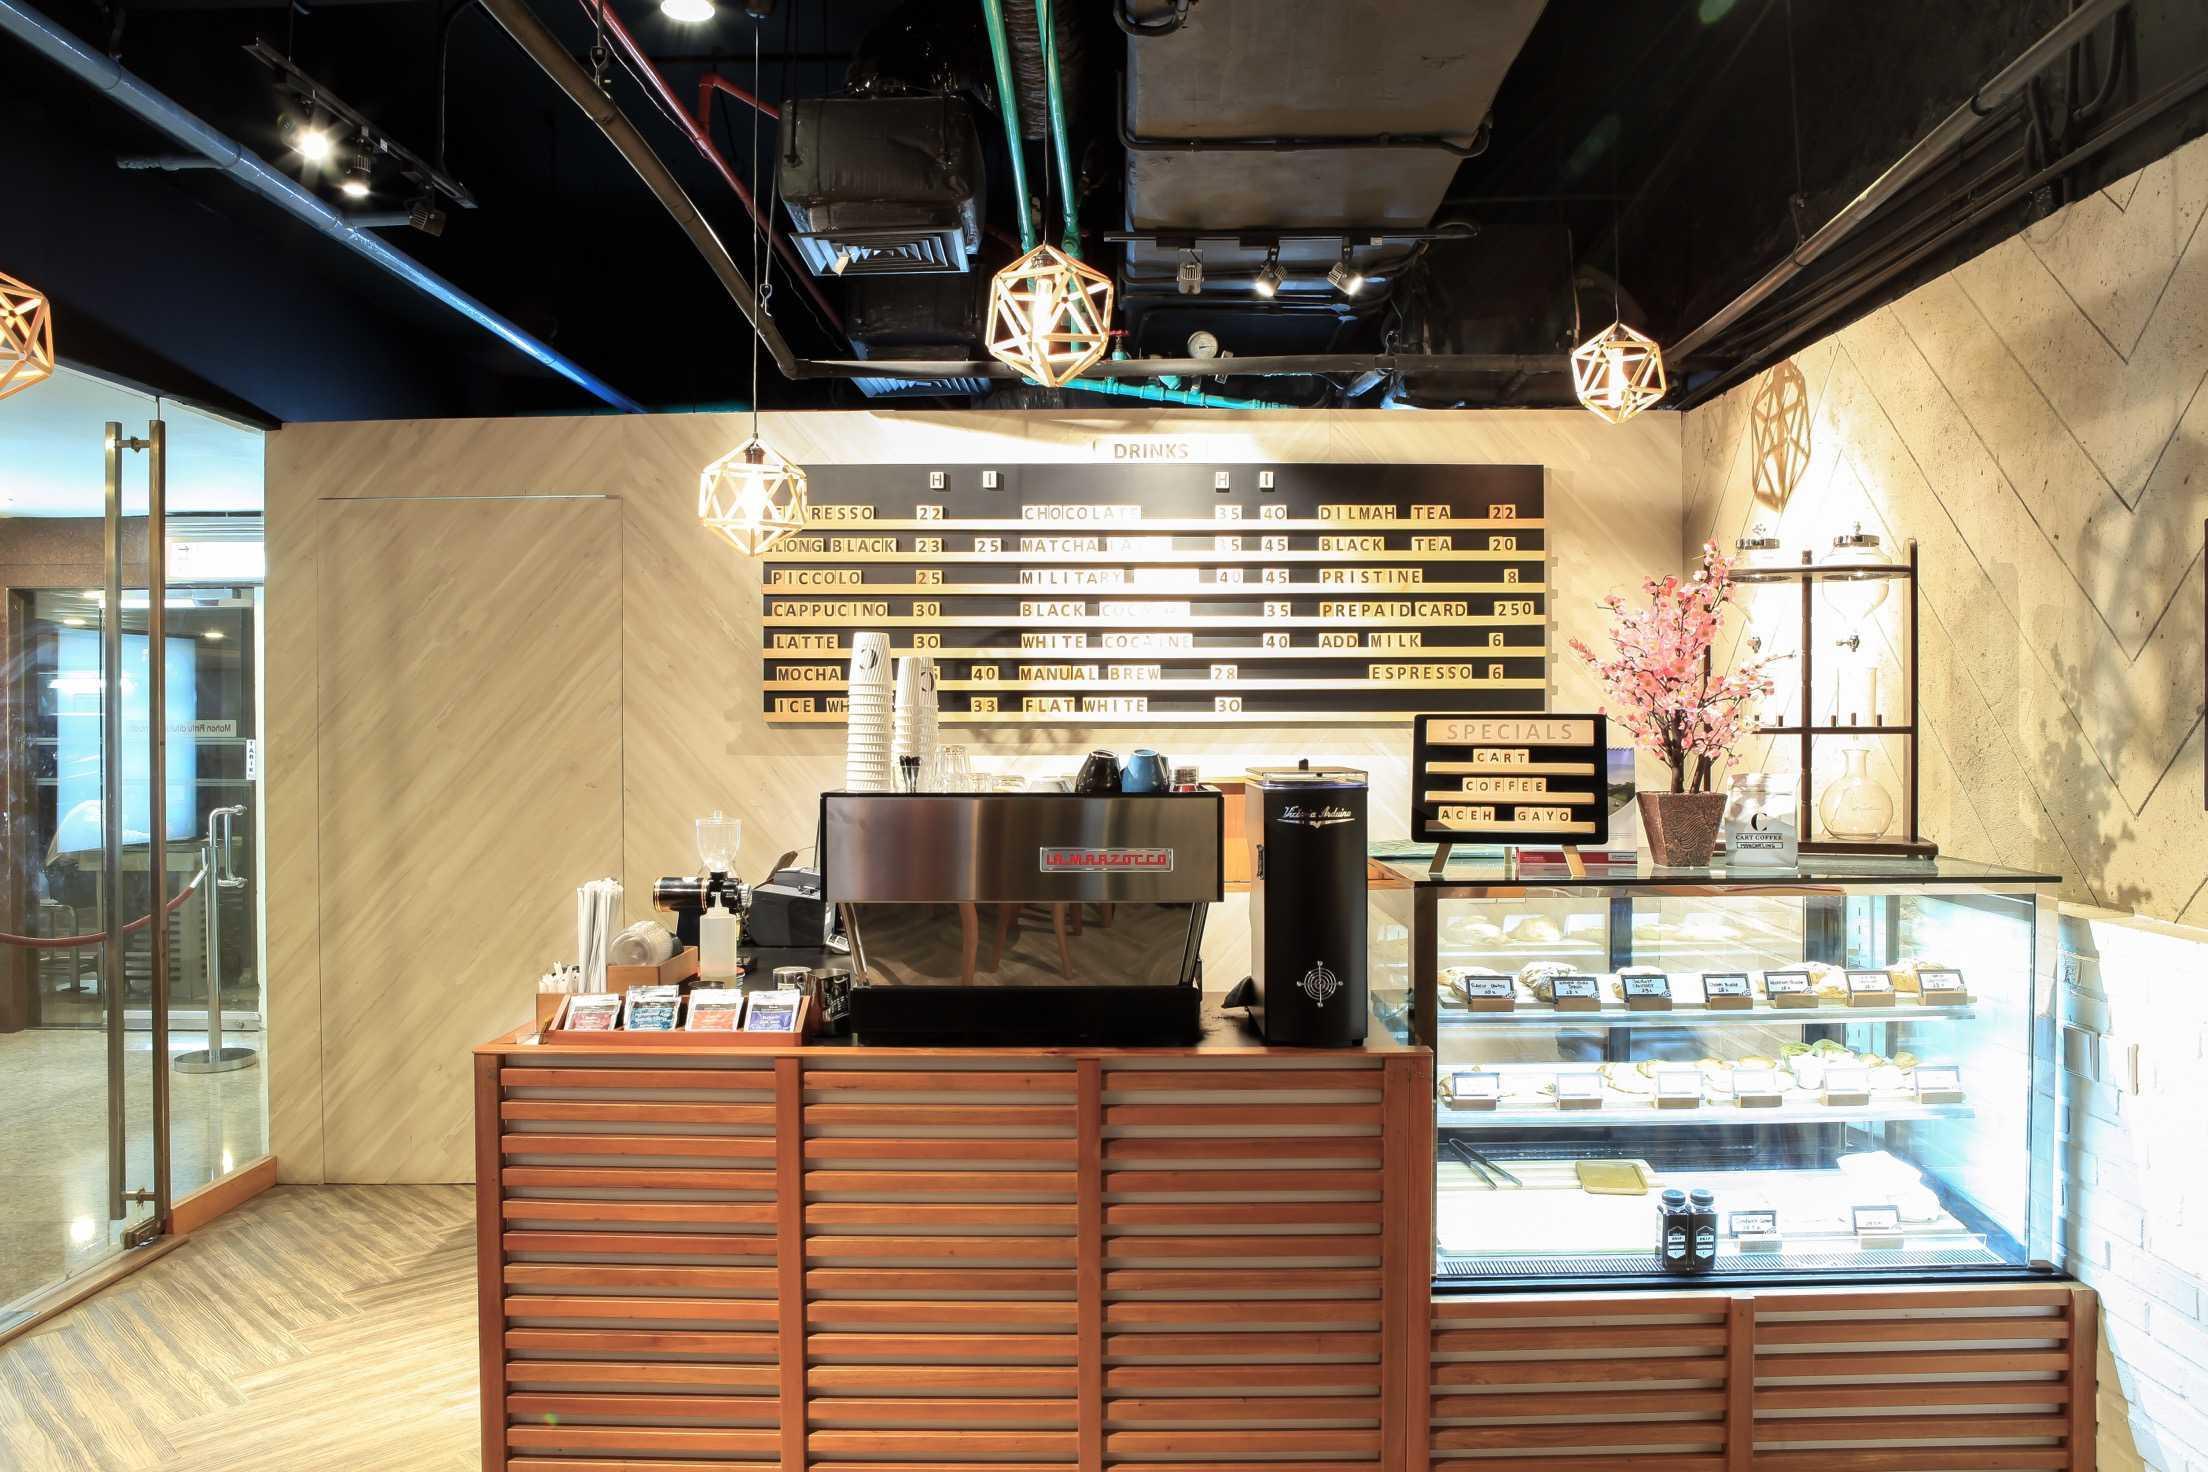 Einhaus Cart Coffee Sinarmas Land Plaza, Tower Ii, Jl. M.h. Thamrin No.51, Gondangdia, Menteng, Kota Jakarta Pusat, Daerah Khusus Ibukota Jakarta 10350, Indonesia Sinarmas Land Plaza, Tower Ii, Jl. M.h. Thamrin No.51, Gondangdia, Menteng, Kota Jakarta Pusat, Daerah Khusus Ibukota Jakarta 10350, Indonesia Einhaus-Cart-Coffee Kontemporer  55654